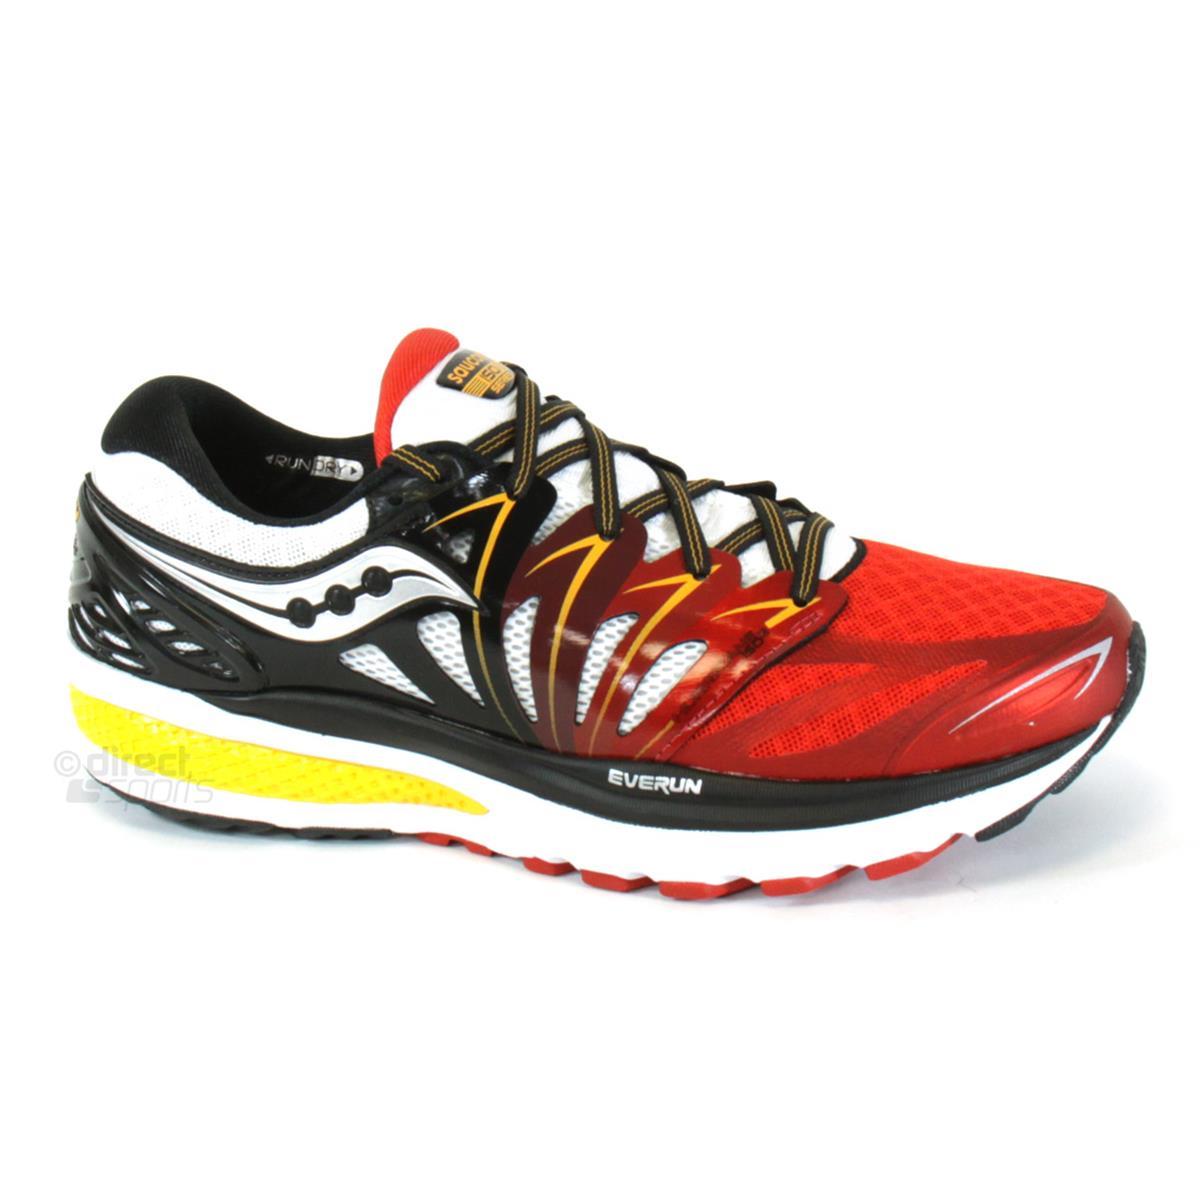 0ba9ecaa Saucony Hurricane ISO 2 Mens Running Shoes (Red-White-Orange ...